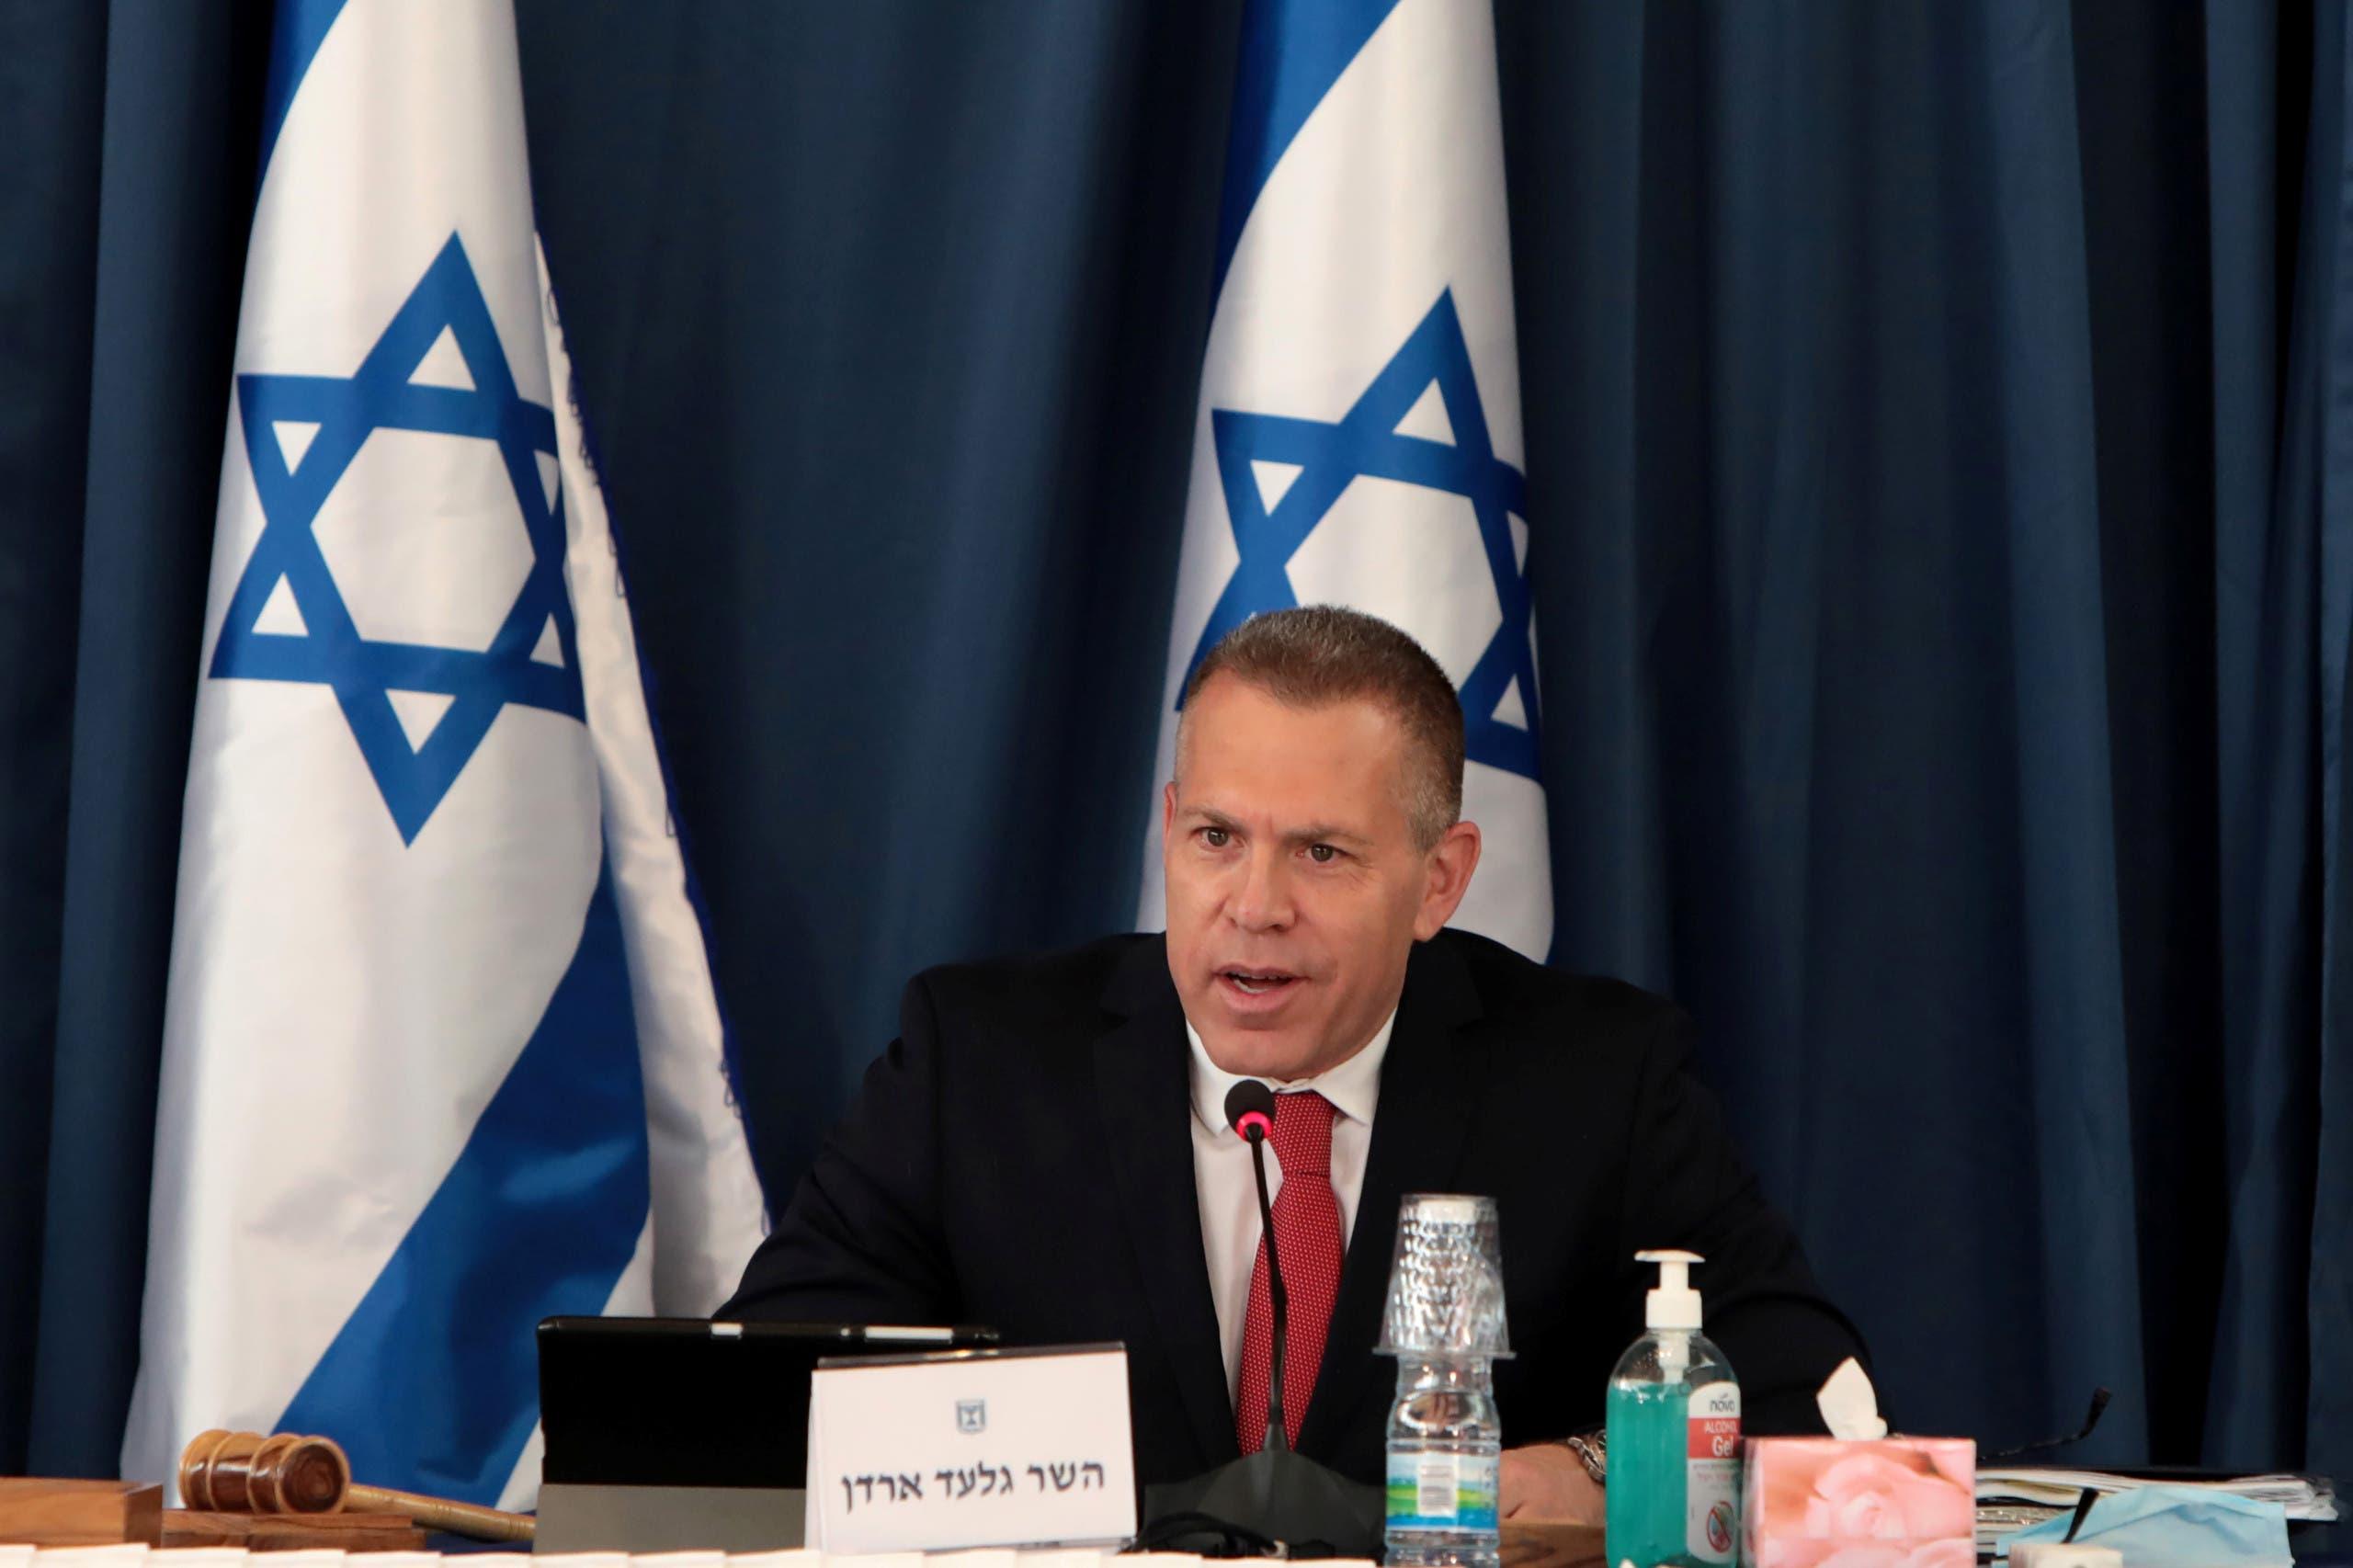 مبعوث إسرائيل لدى واشنطن السفير جلعاد إردان